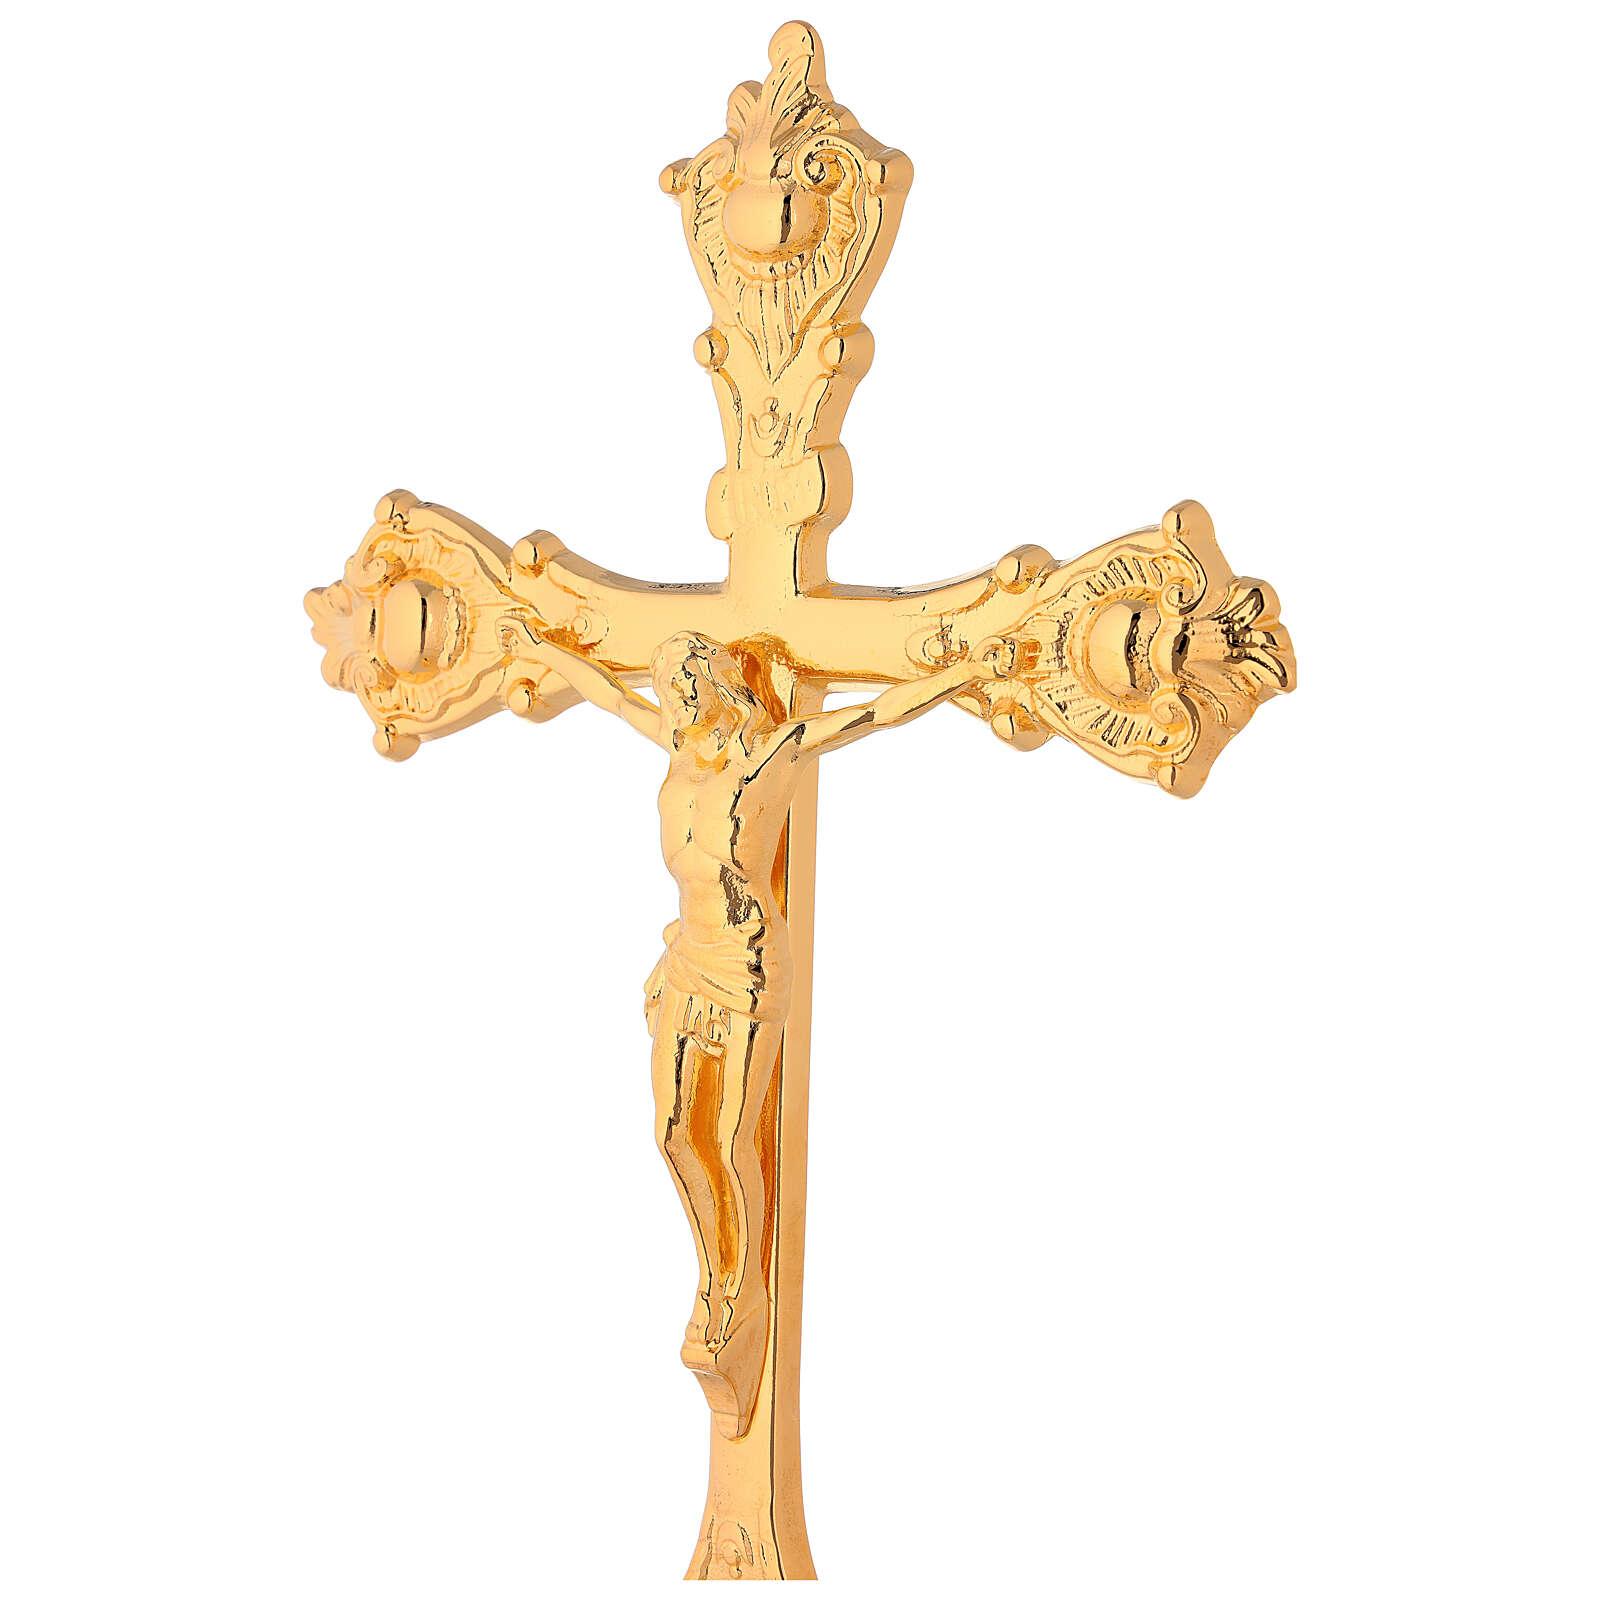 Servicio de altar cruz candeleros latón dorado base lisa 4